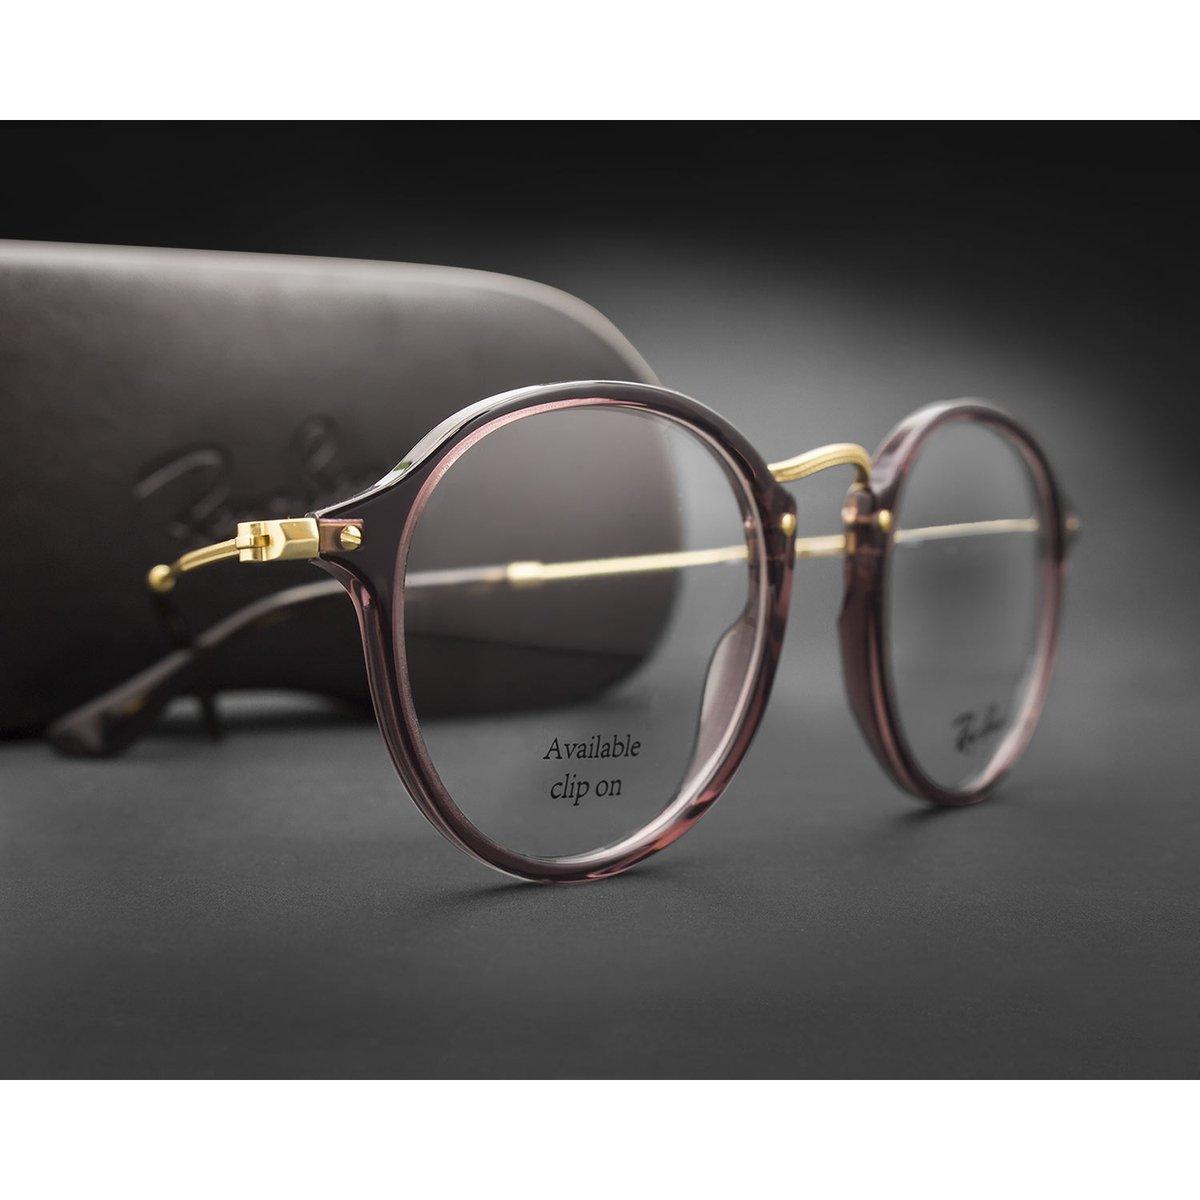 Óculos de Grau Ray Ban Round Fleck RX2447V 8032-49 - Compre Agora ... c4e33fe8ff